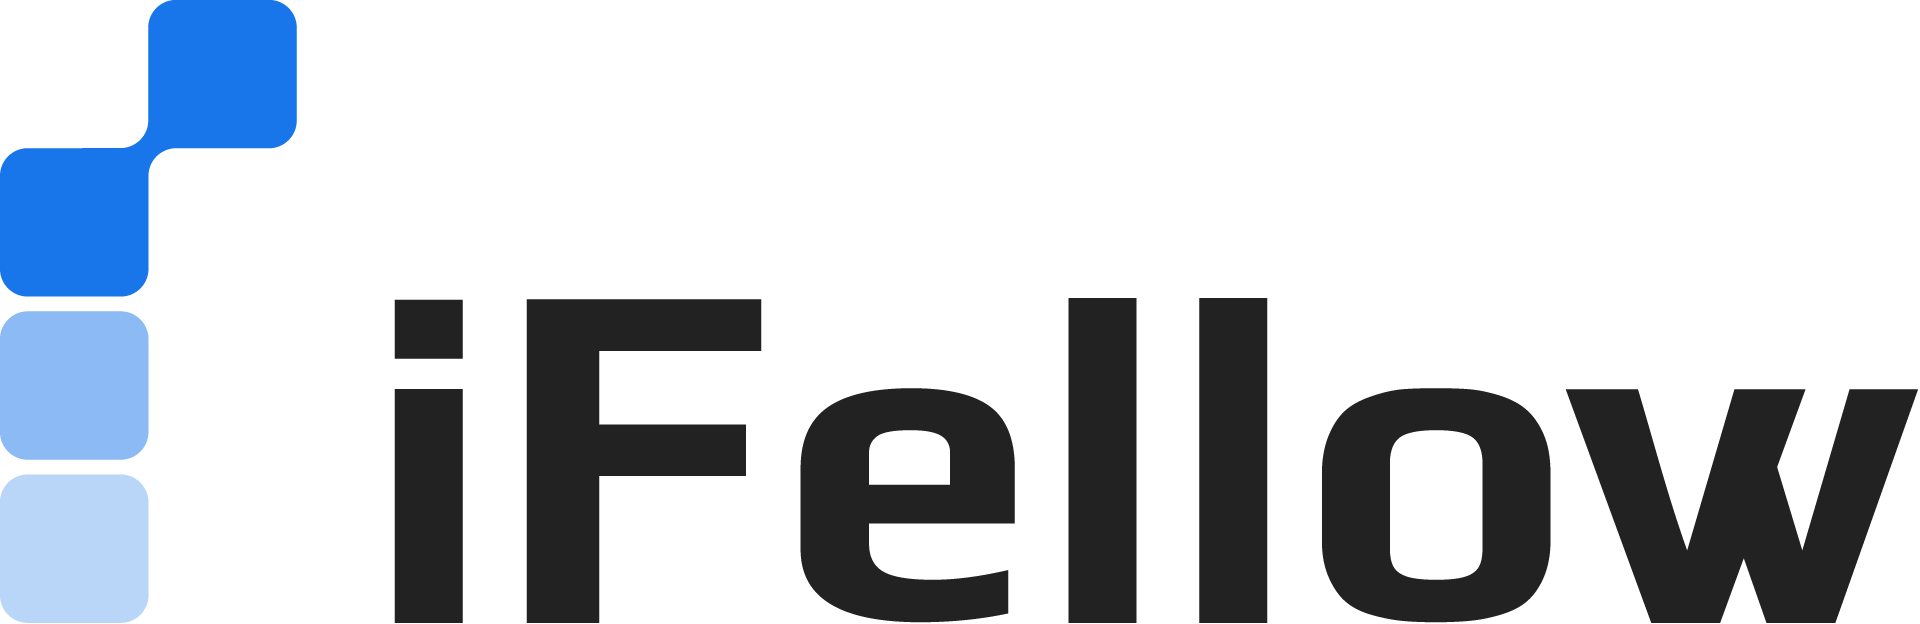 iFellow